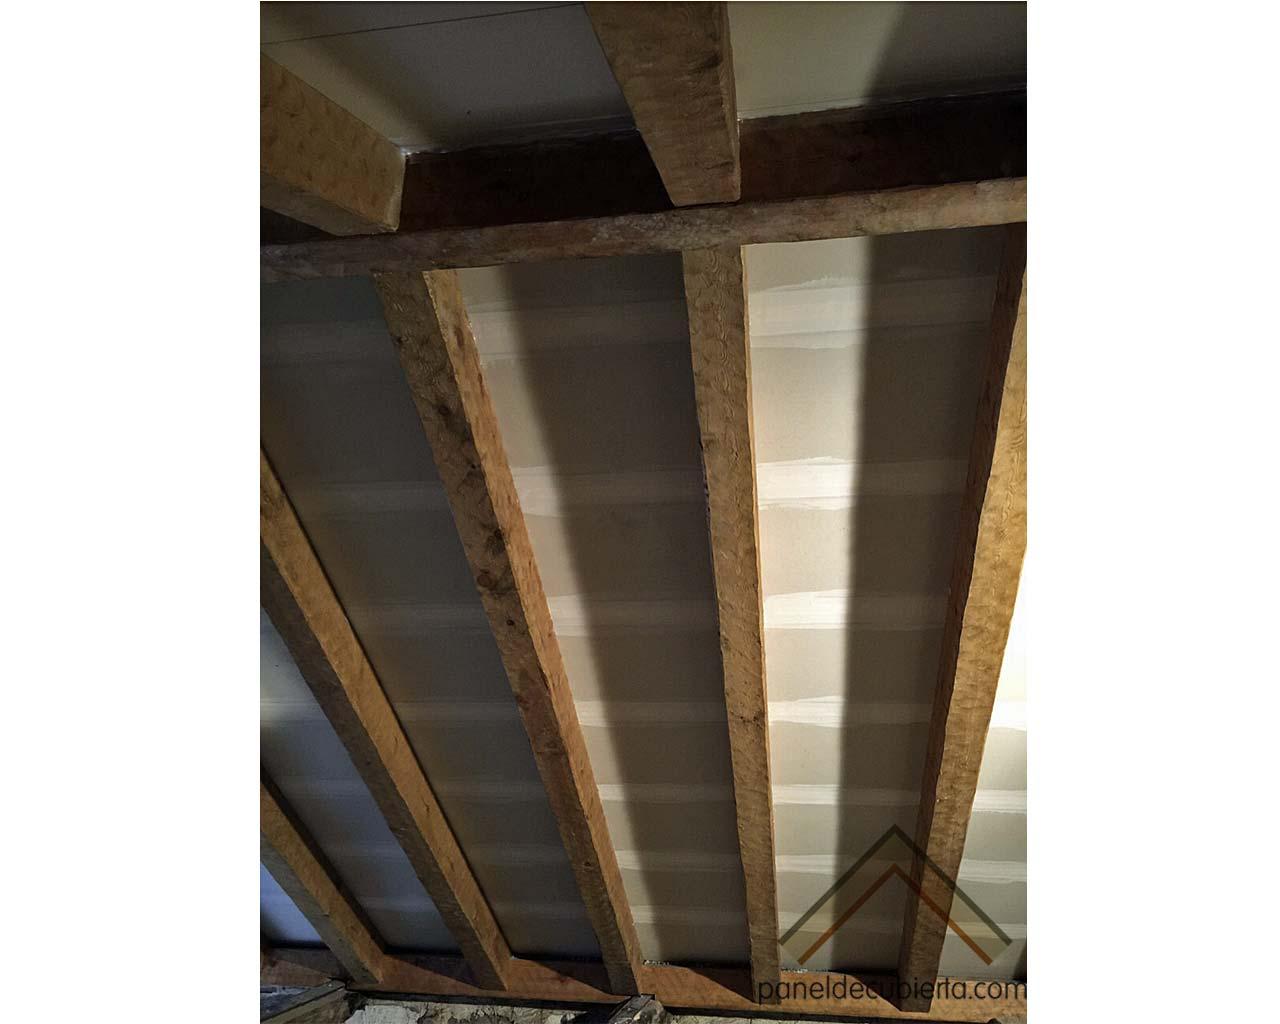 Vista de terminación de fase de aplicación de cinta y pasta tapa juntas en cara interior de panel de madera para cubierta acabado cartón yeso knauf. Gurpel Construcciones.